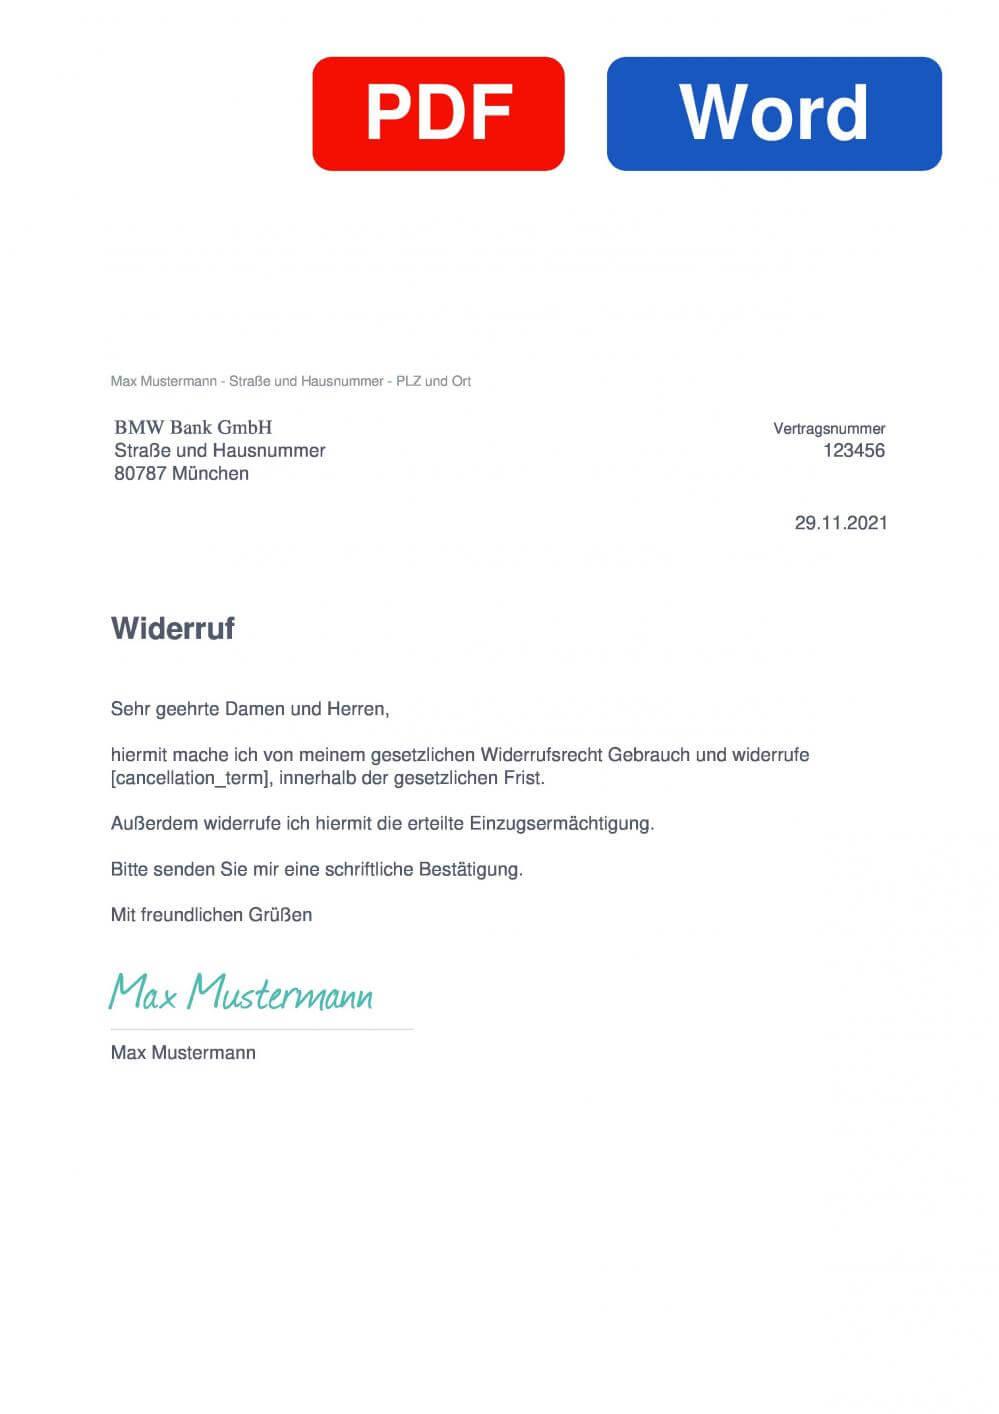 BMW Bank Muster Vorlage für Wiederrufsschreiben